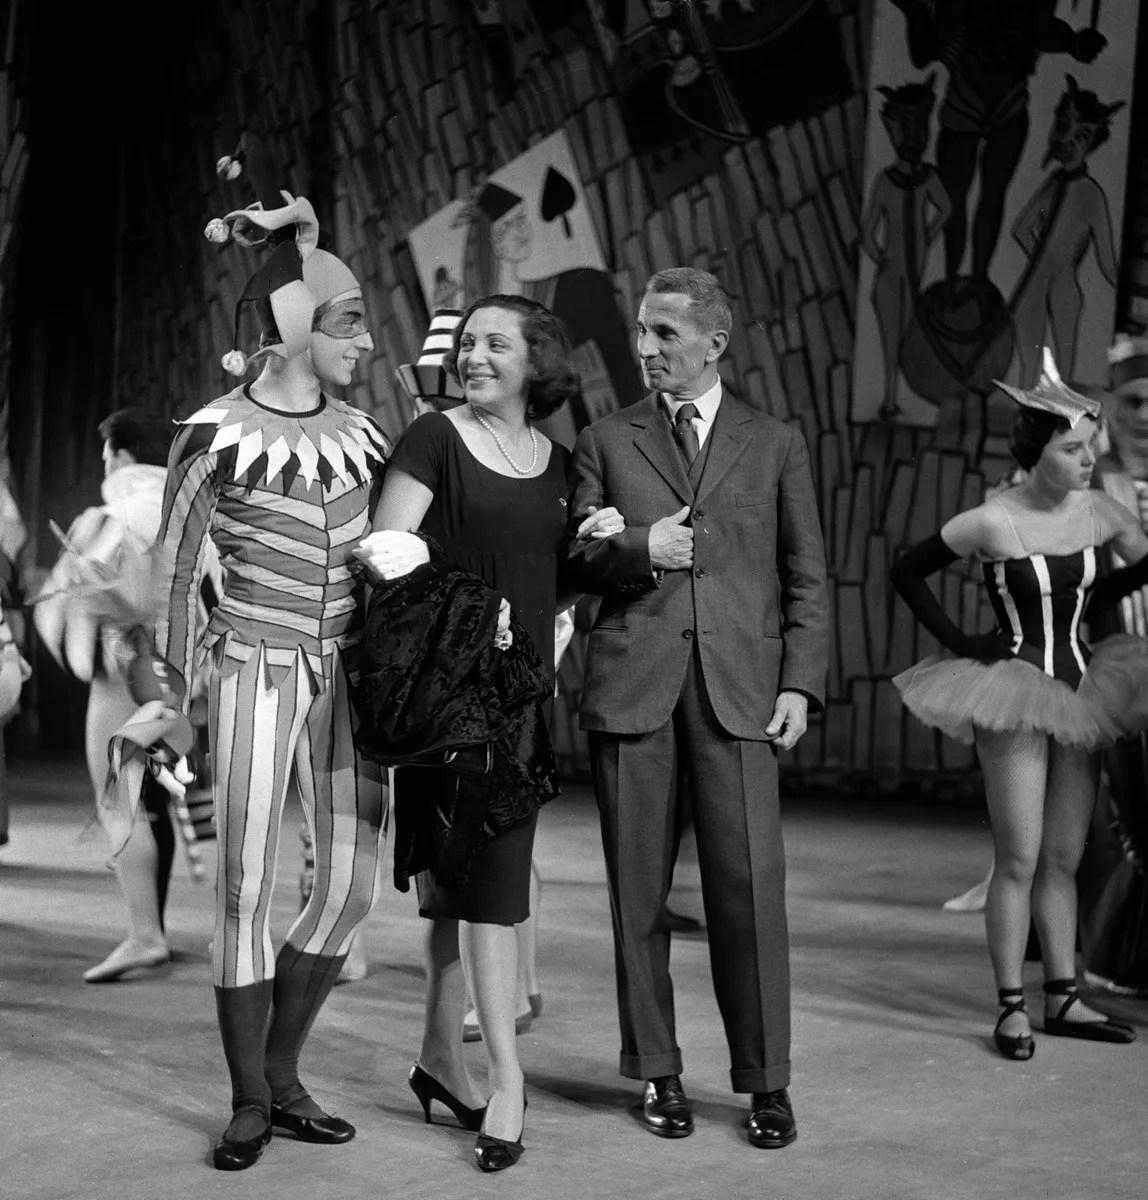 1959 Luciana Novaro with Bruno Telloli and Dino Buzzati in Jeu de cartes, photo by Erio Piccagliani © Teatro alla Scala